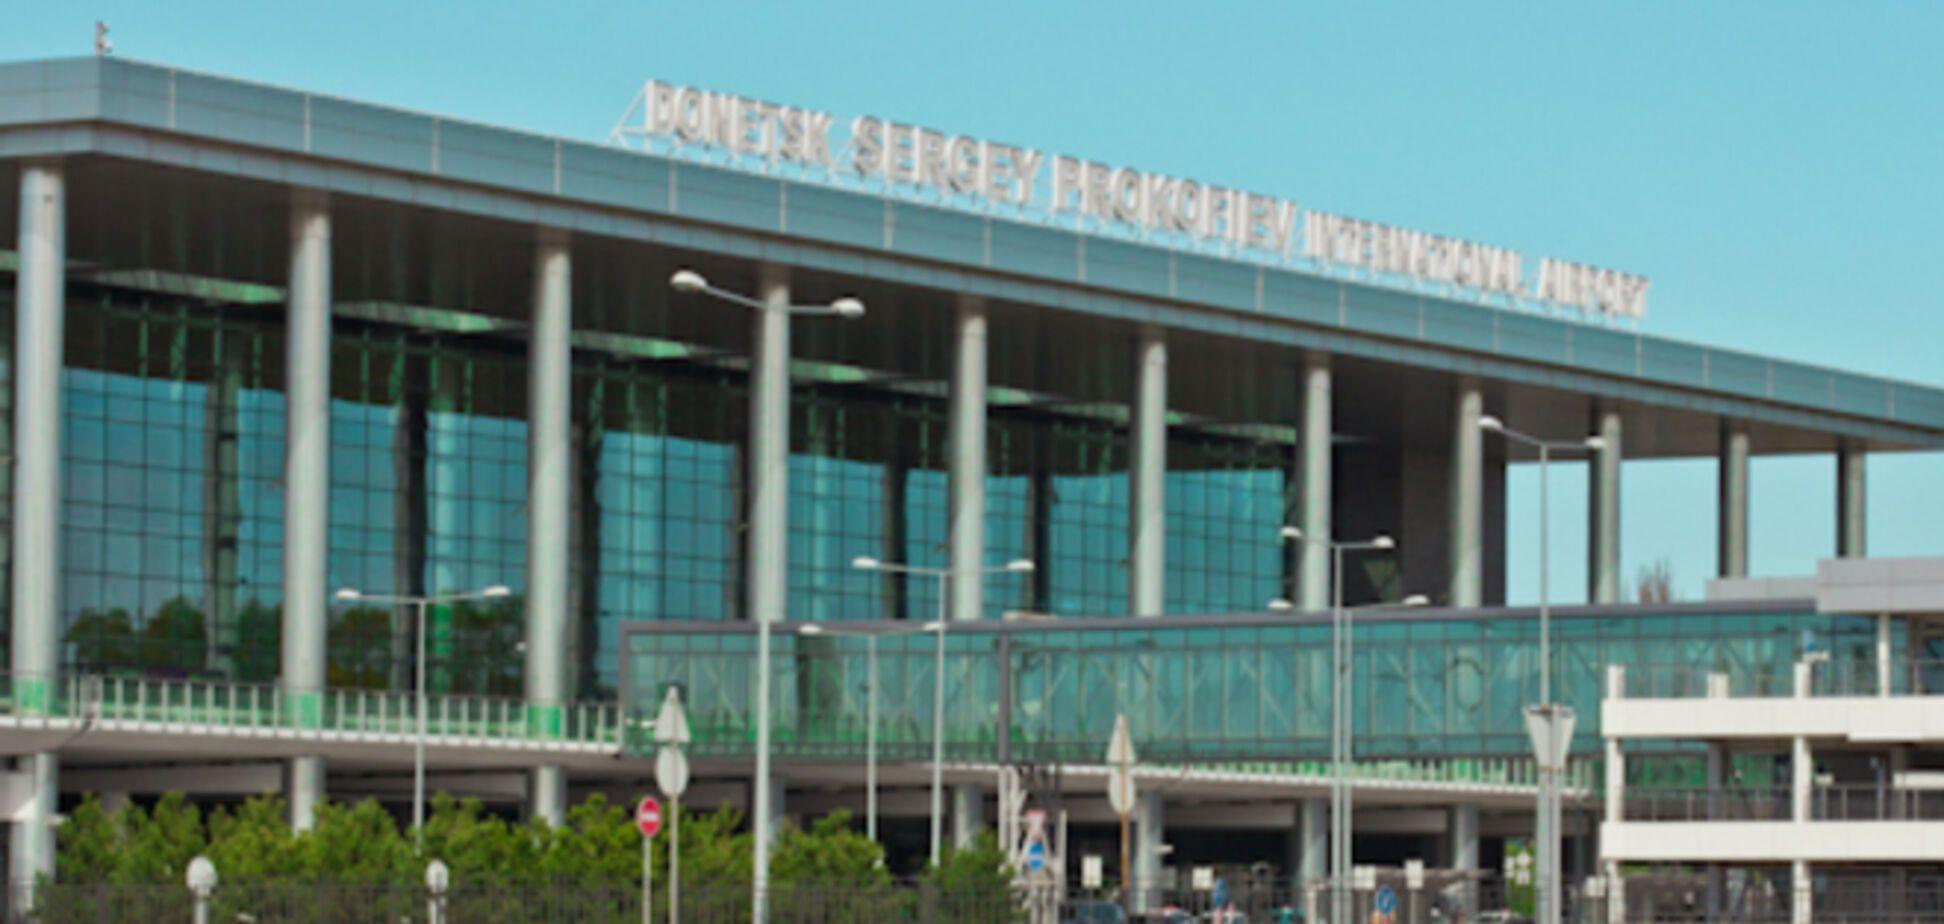 Донецький аеропорт буде закритий до кінця червня